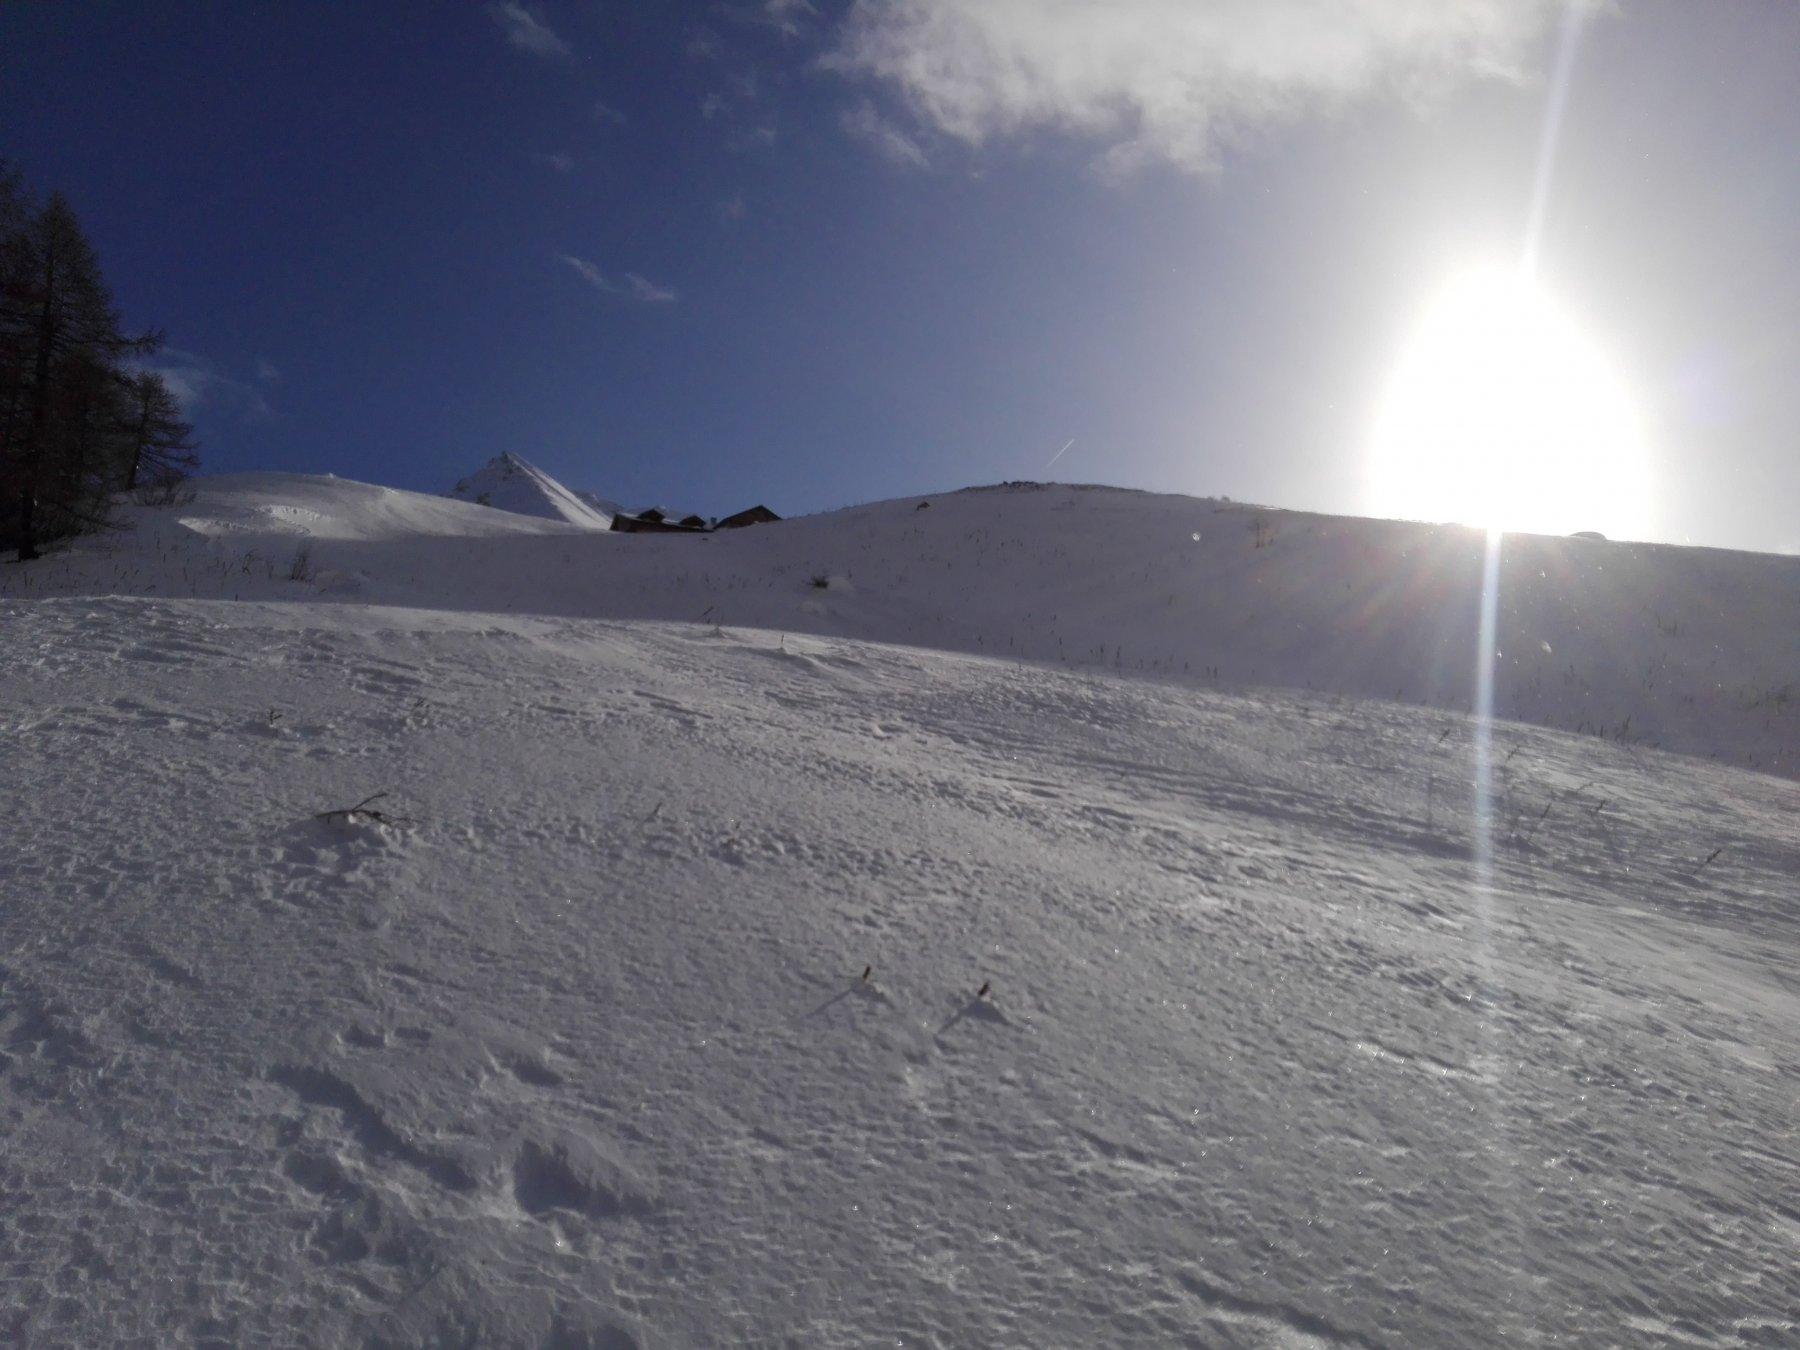 Ultimo tratto in vista della rifugio, qui la neve è crostosa e ventata in molte zone